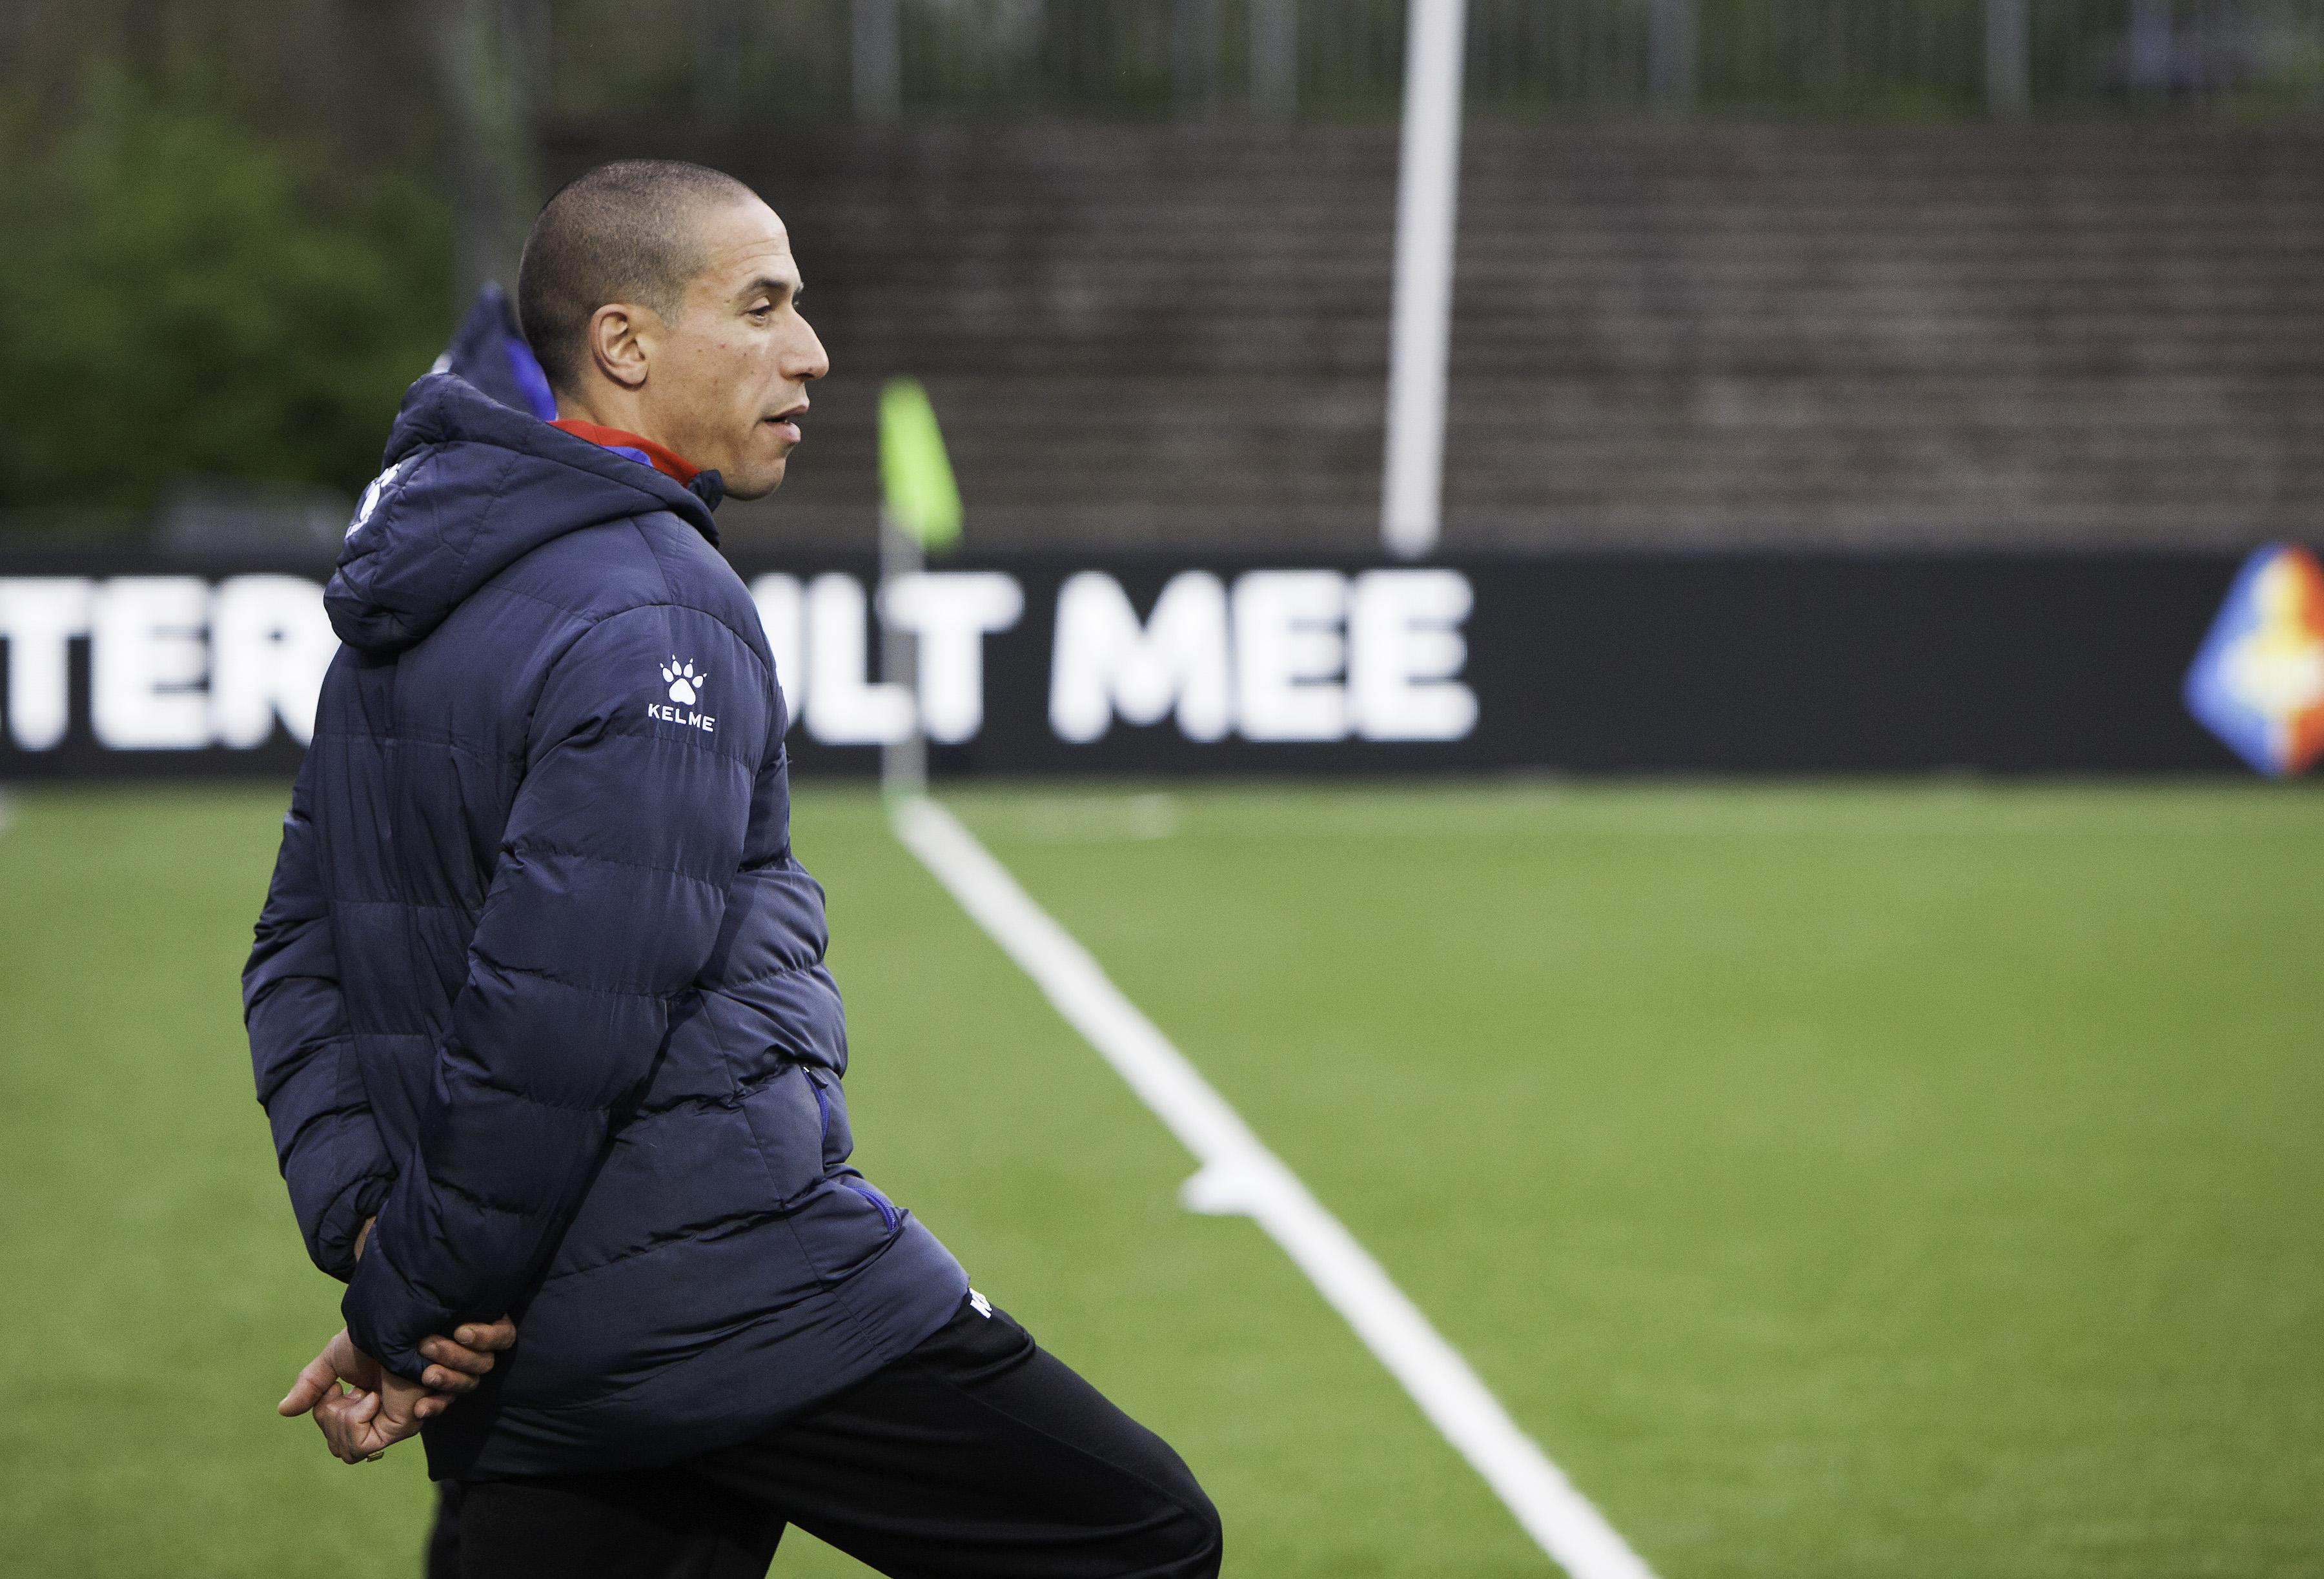 Anthony Correia verlengt contract bij Katwijk